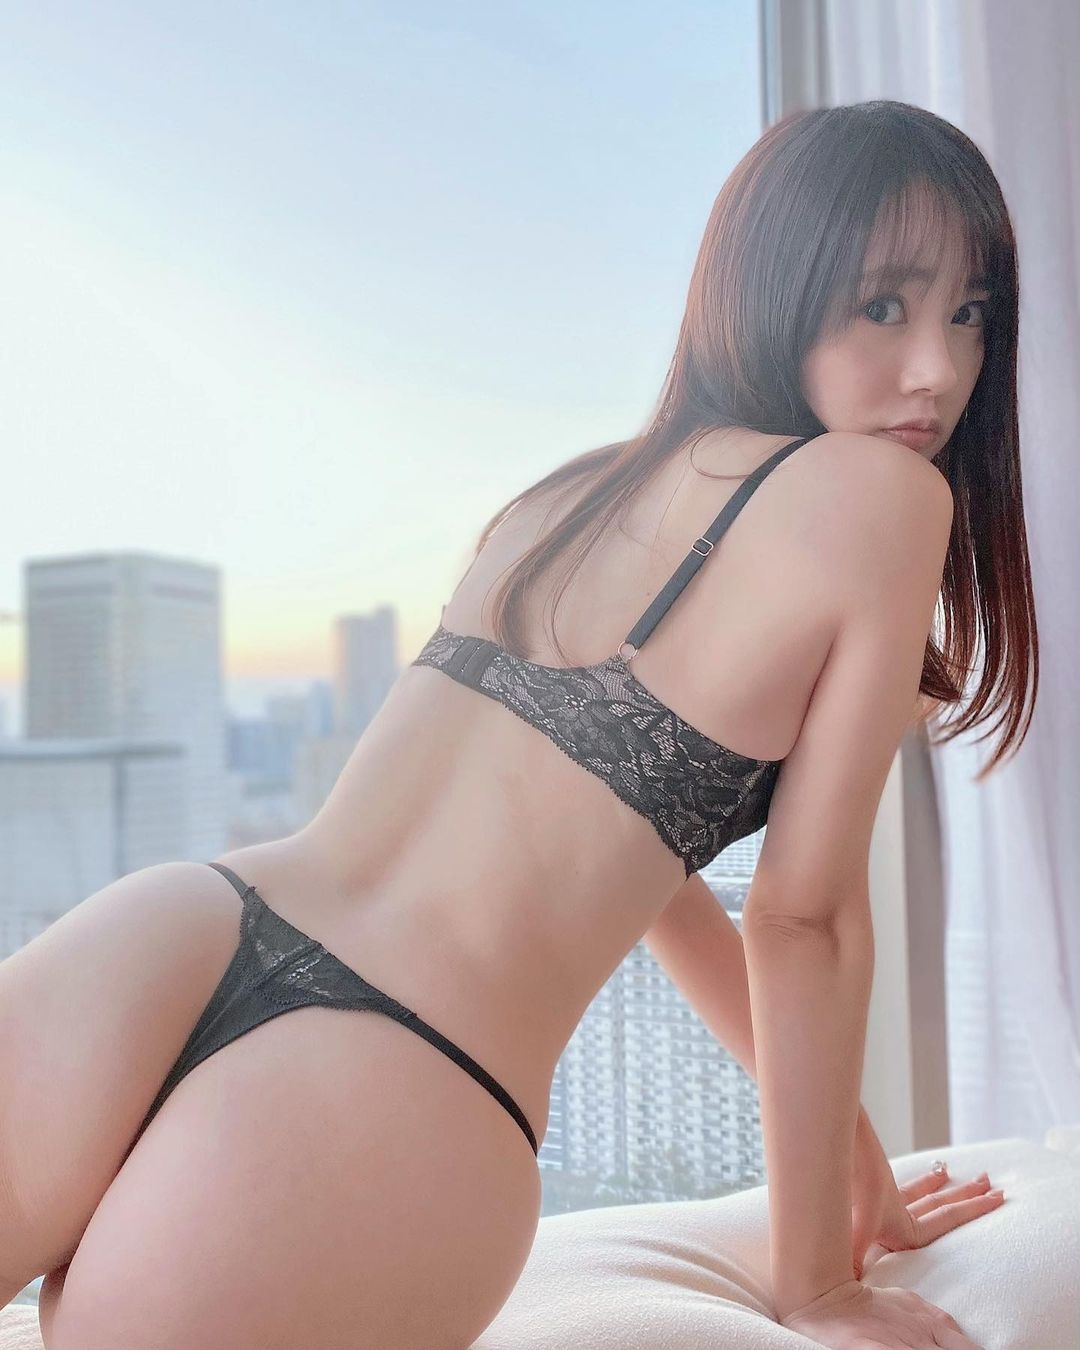 「あげていなかったシリ。」セクシー美尻ショットを公開【浜田翔子さん/2021年1月28日】